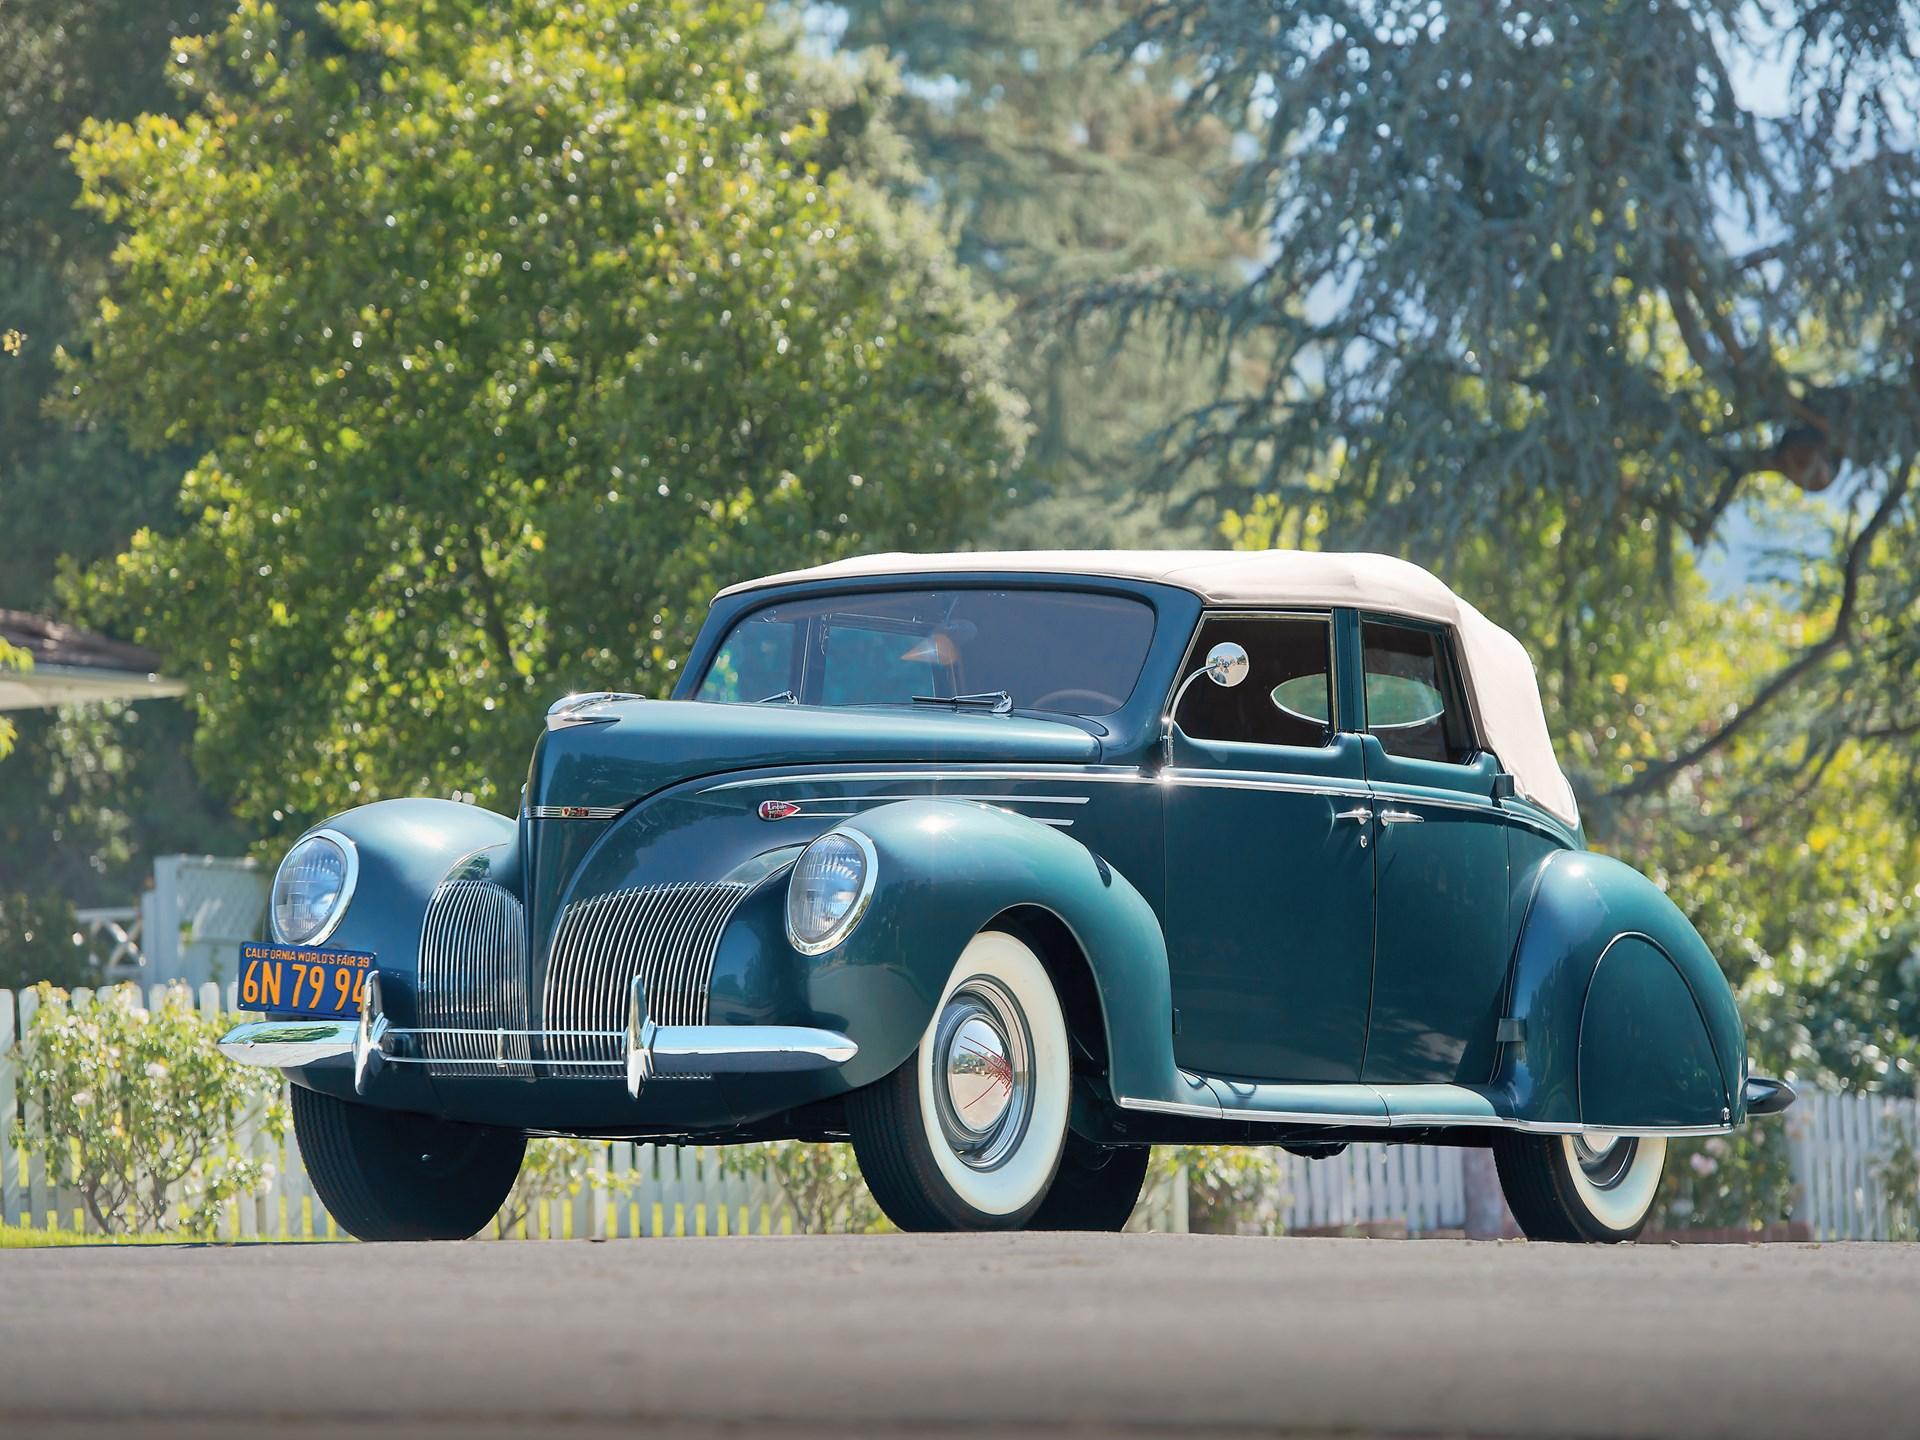 rm sotheby s 1939 lincoln zephyr convertible sedan monterey 2014 1947 Lincoln Cars 1939 lincoln zephyr convertible sedan